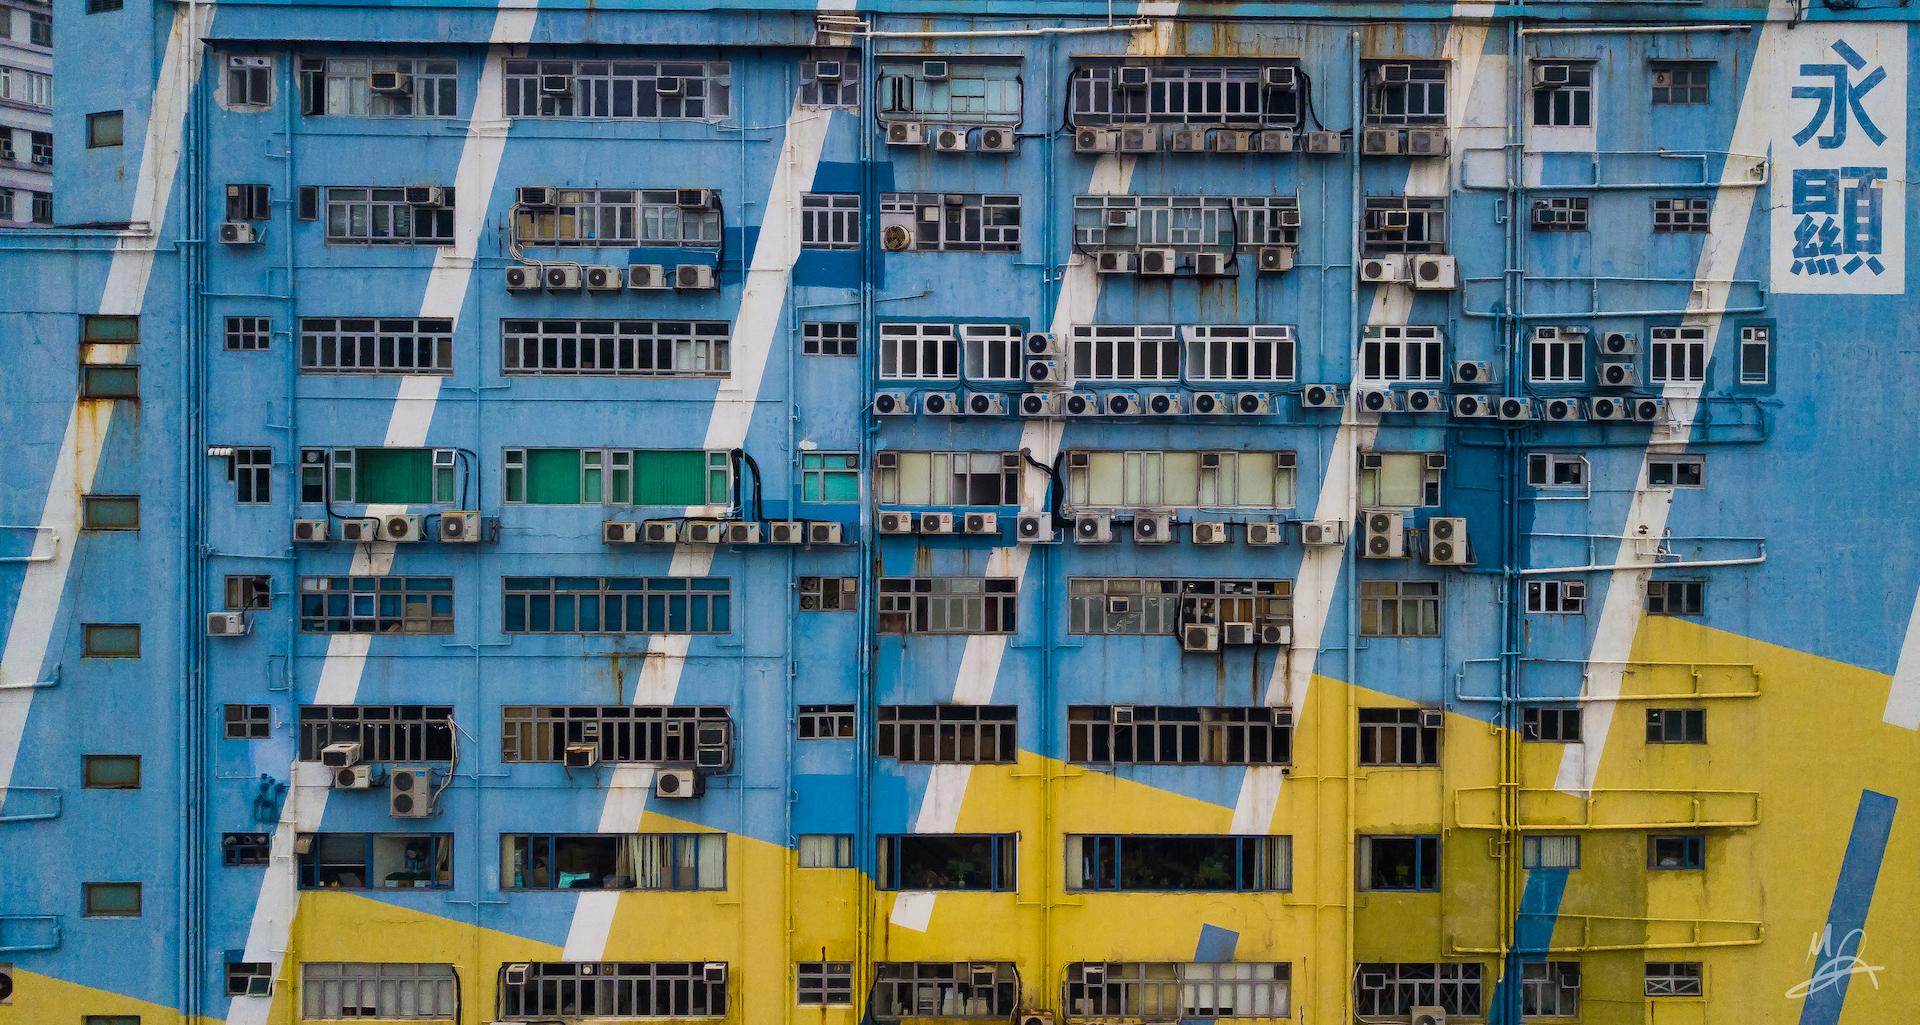 Hong Kong public housing estate - landscape 4/5